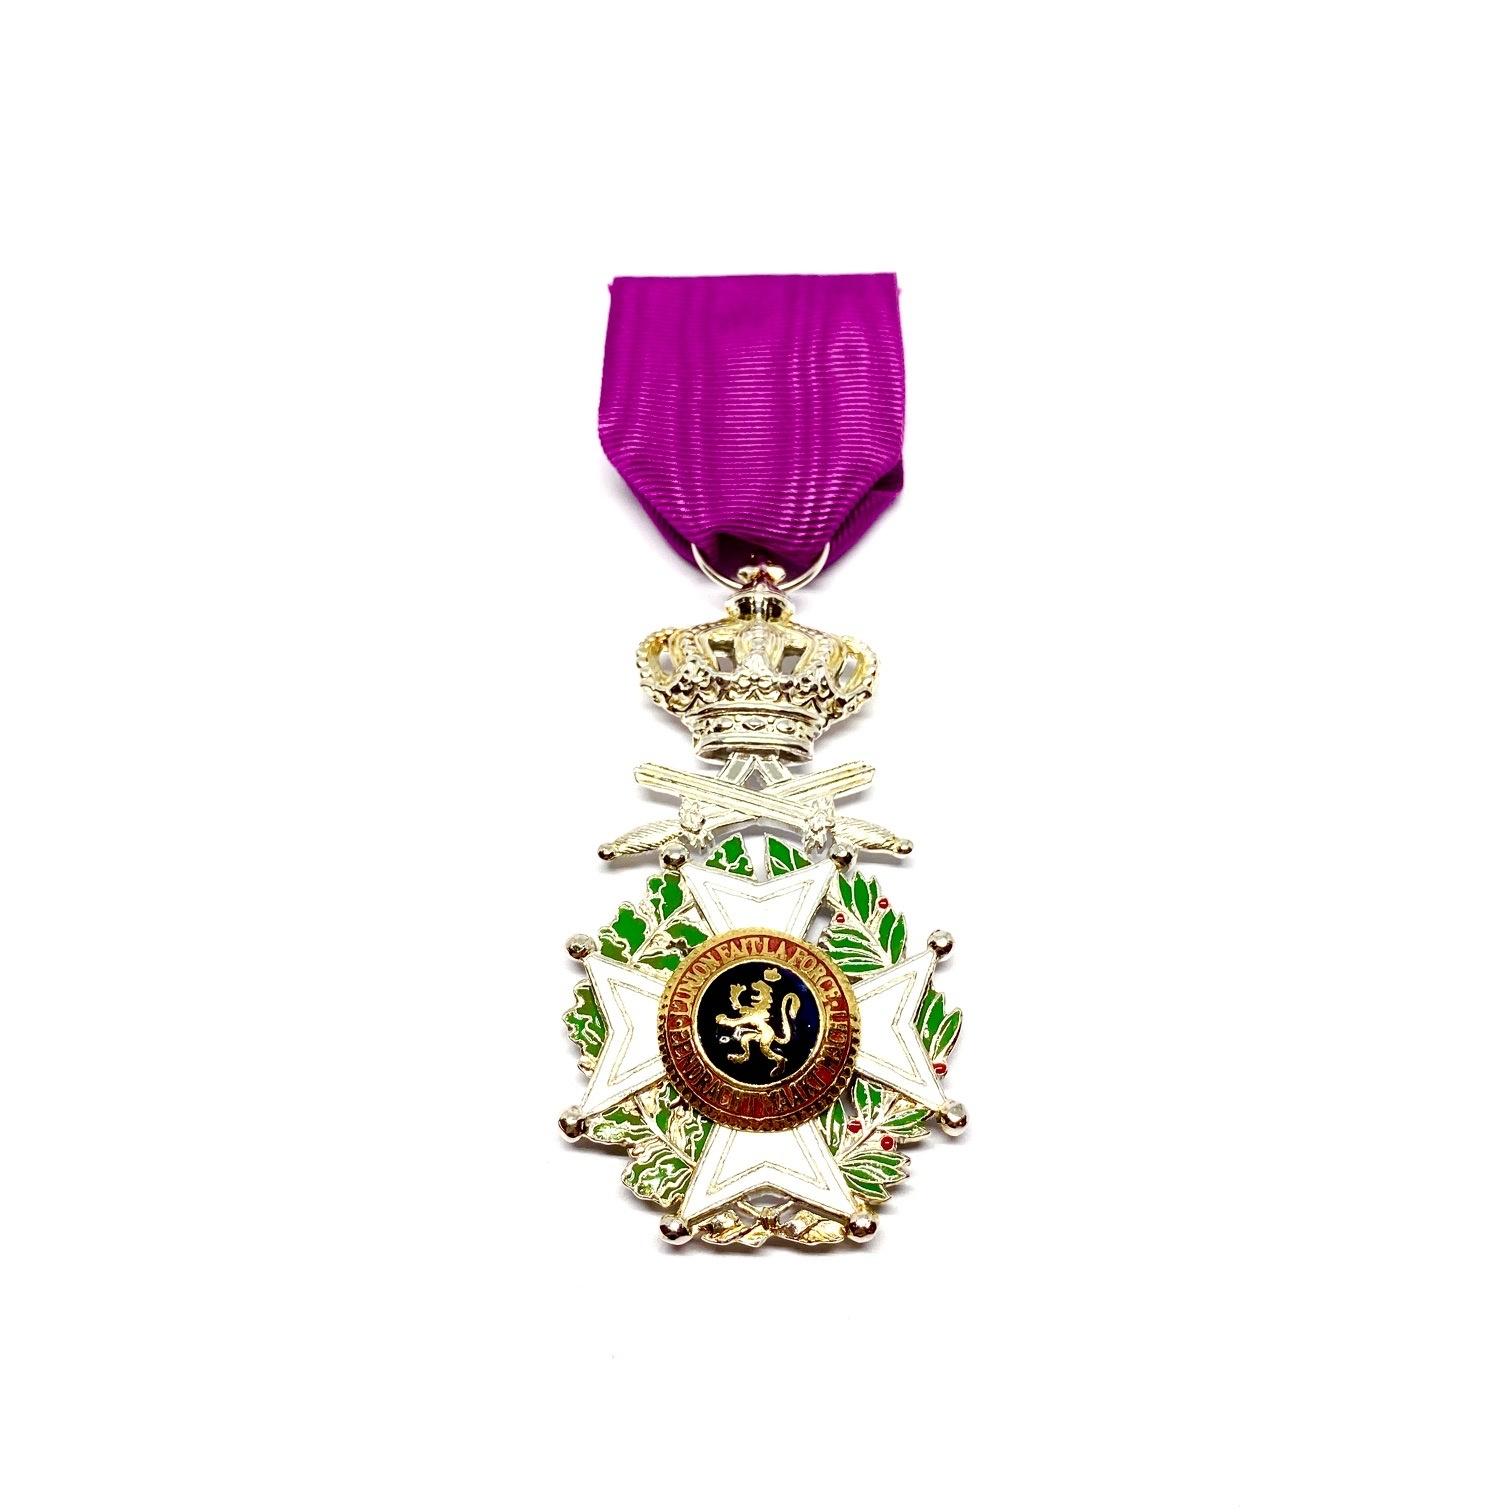 Chevalier de l'Ordre de Léopold Militaire